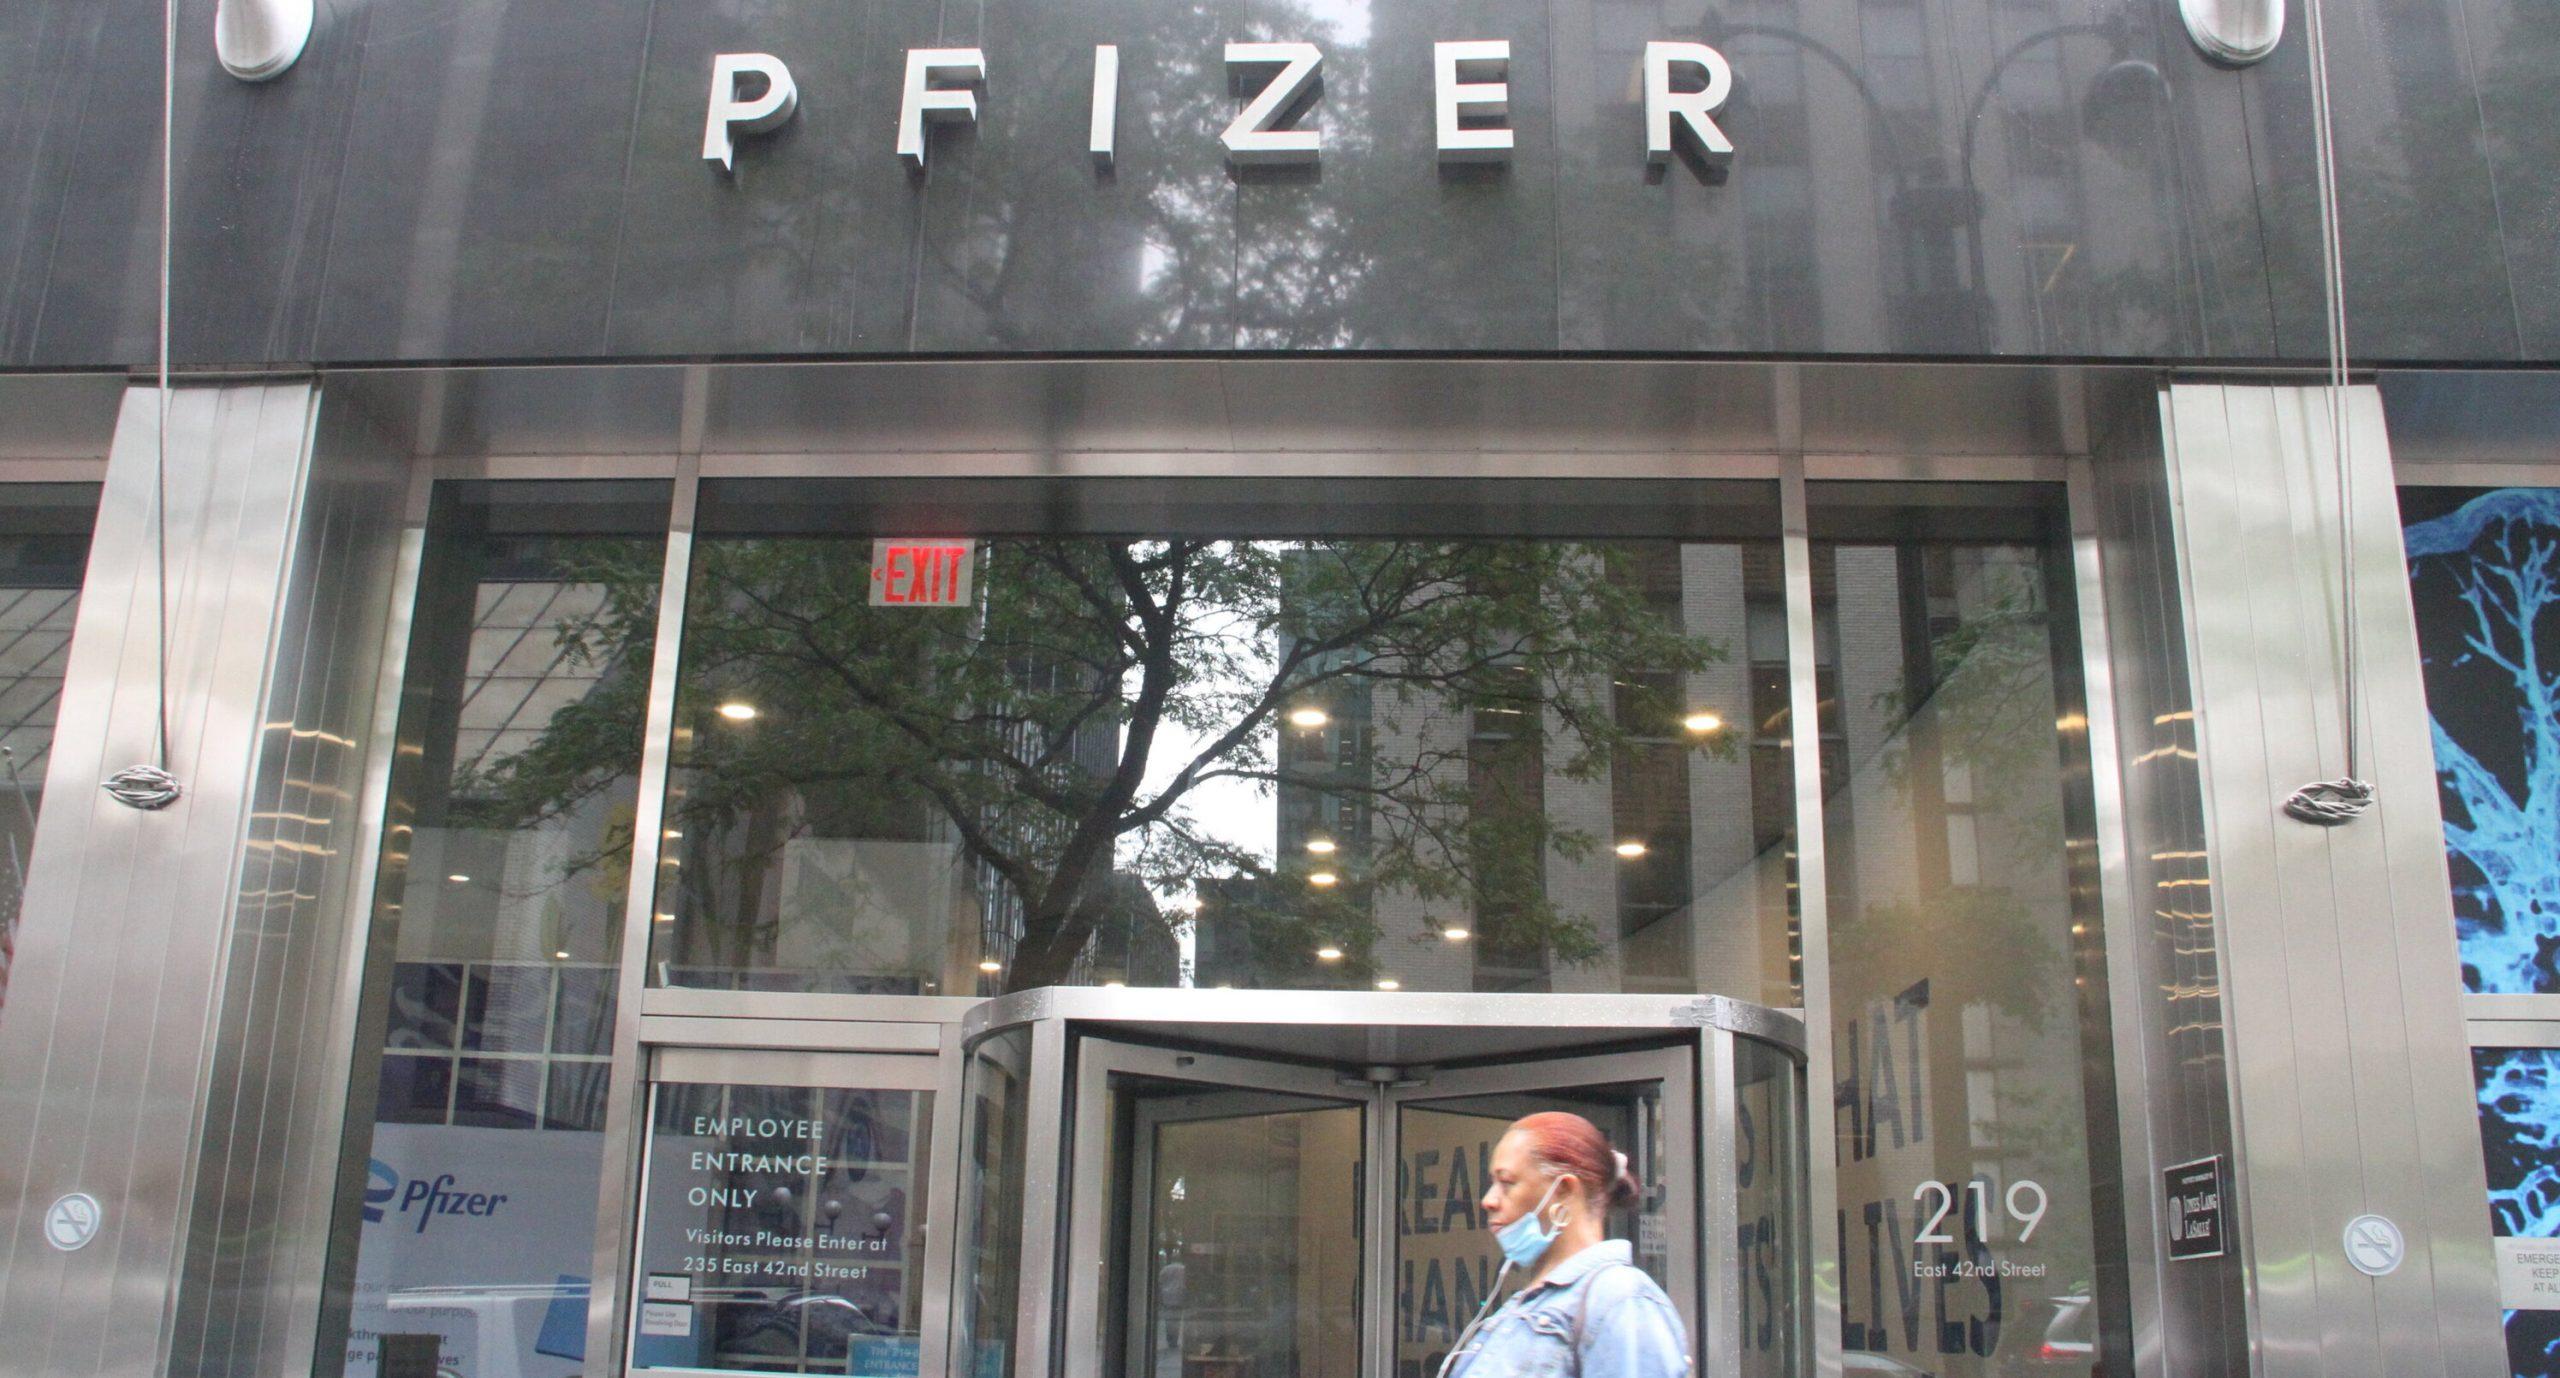 Pfizer retrage toate loturile medicamentului antifumat pe care îl produce, din cauza substanțelor cancerigene din compoziție